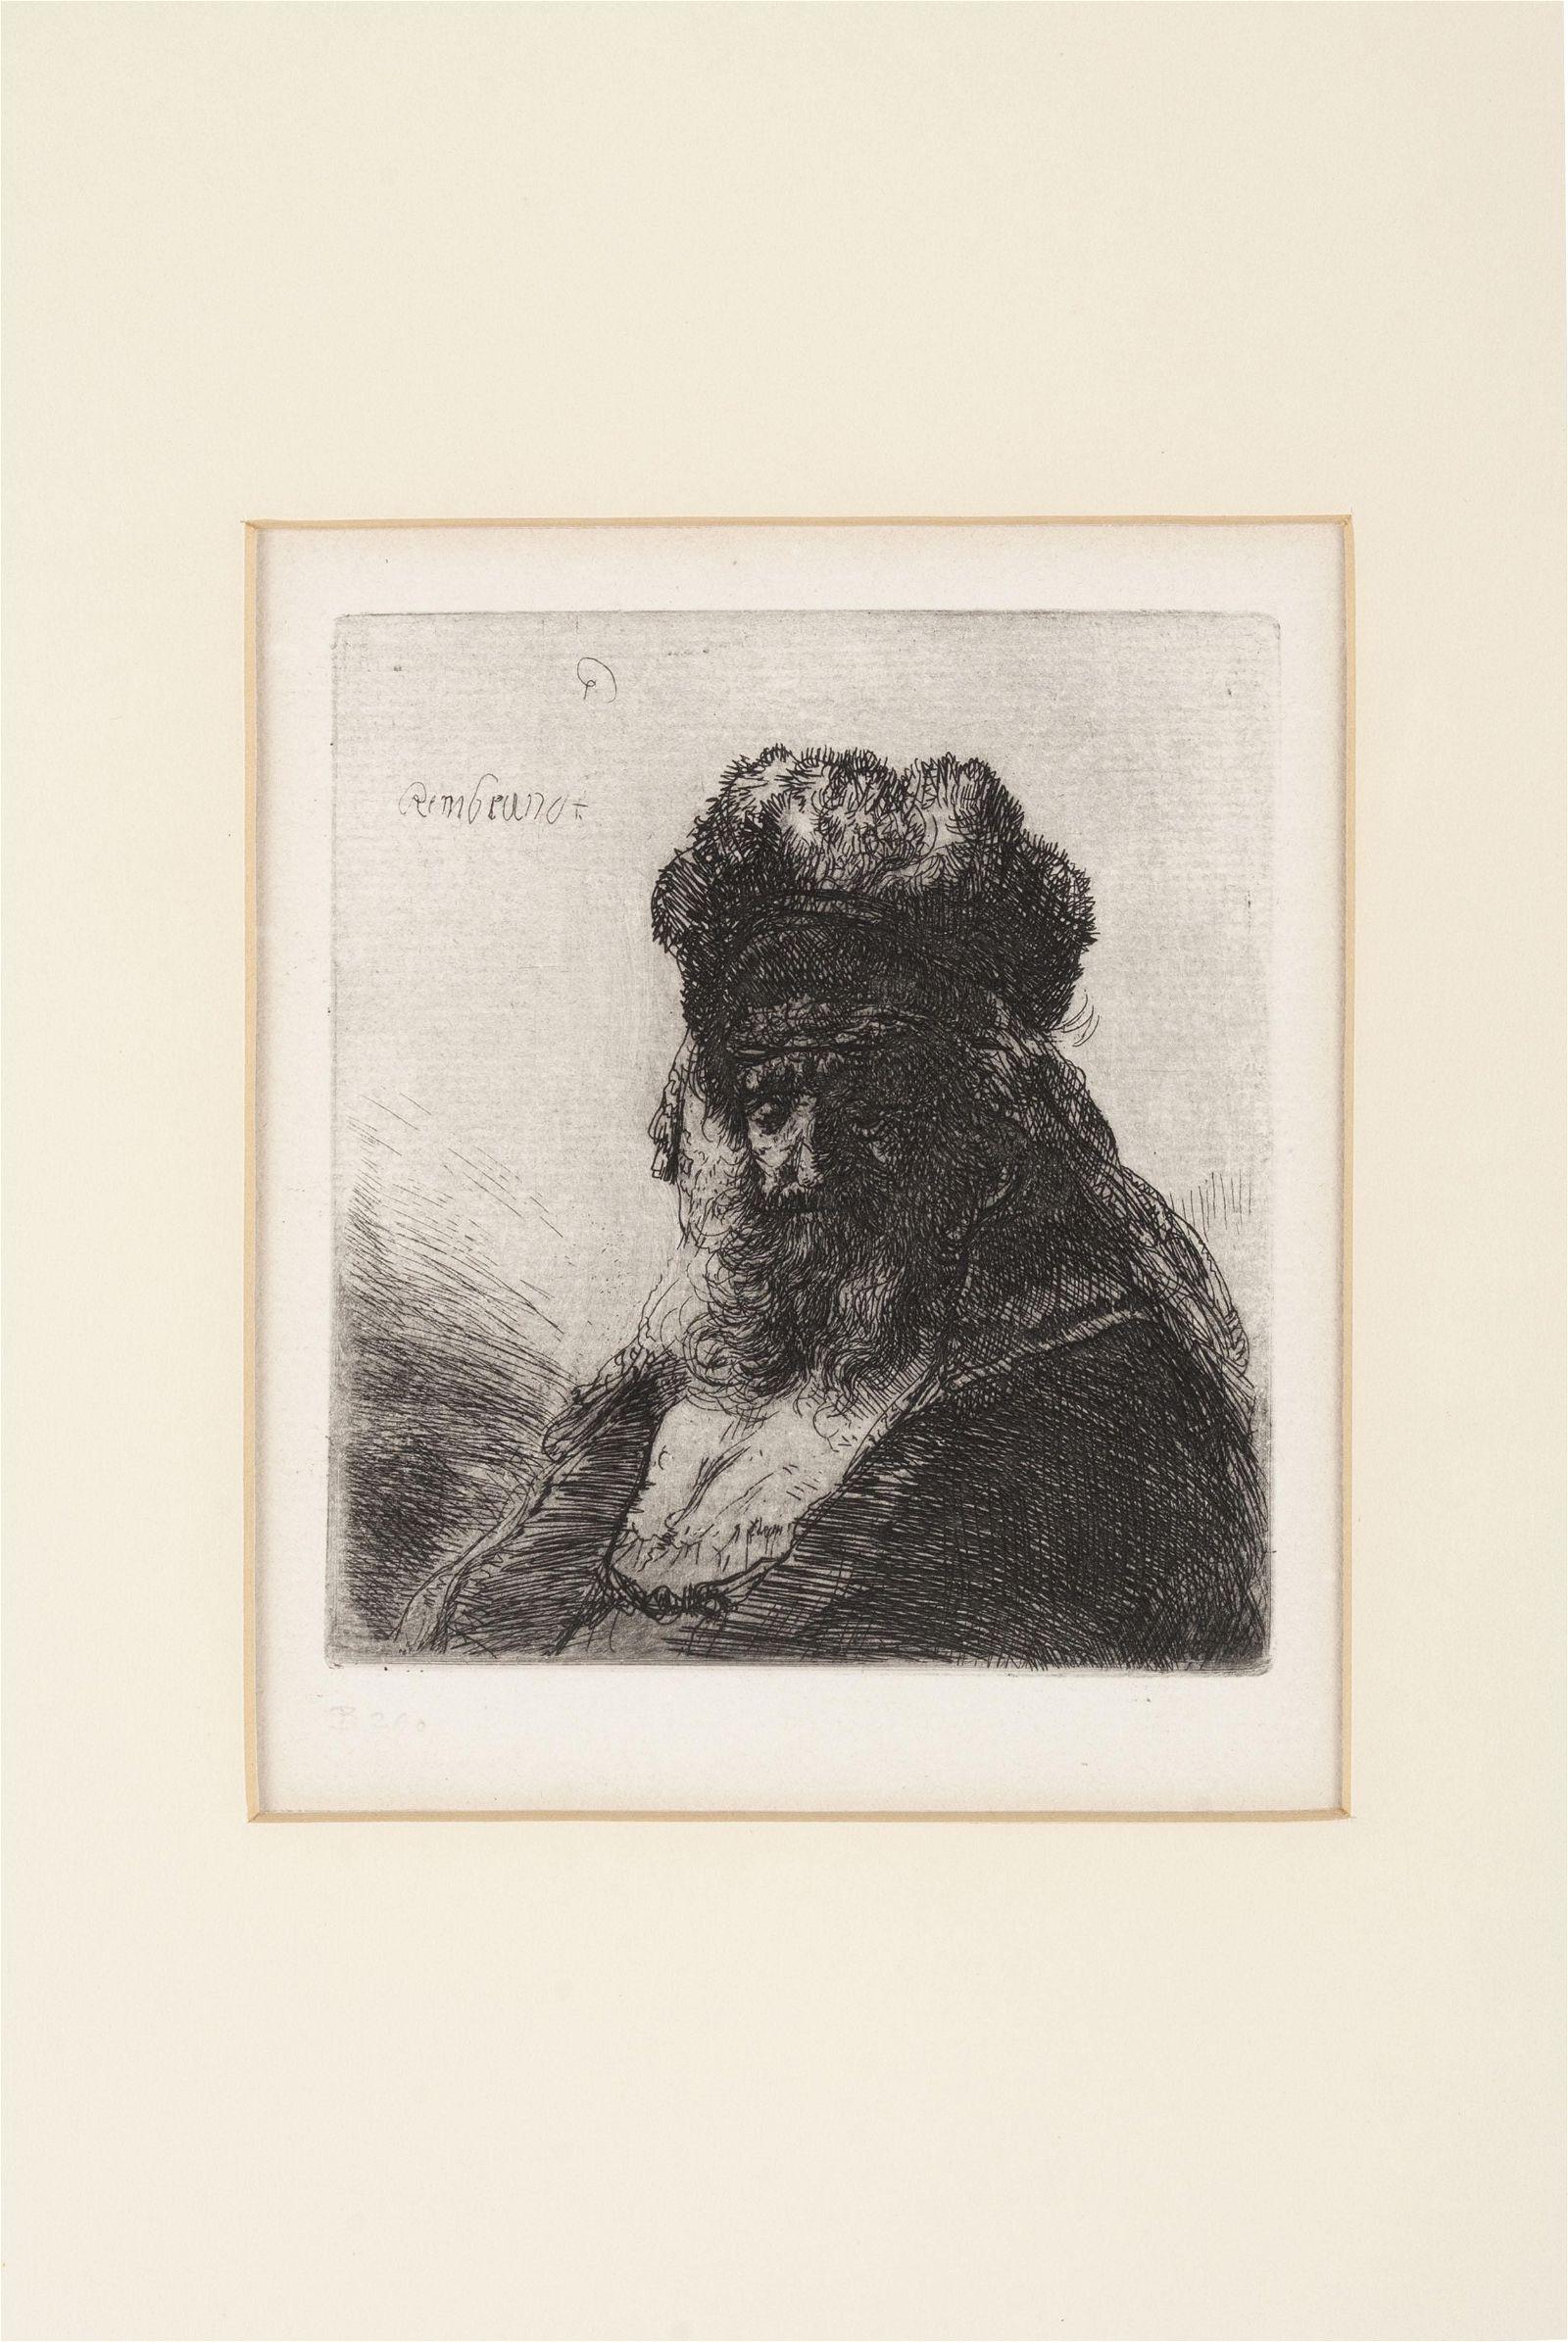 REMBRANDT HARMENSZ. VAN RIJN (DUTCH, 1606-1669)